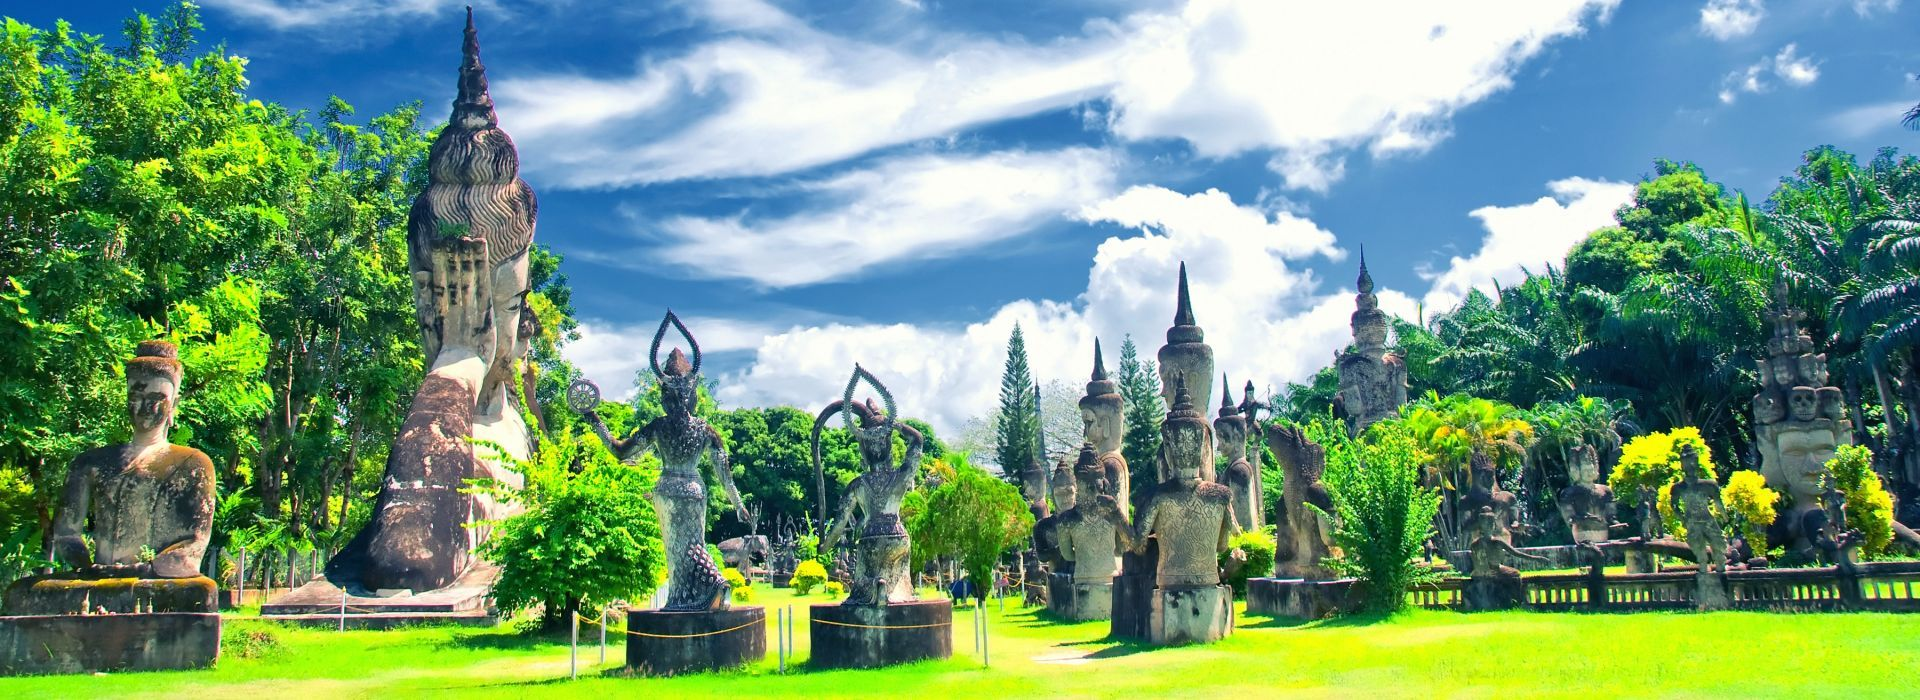 War sites Tours in Luang Prabang